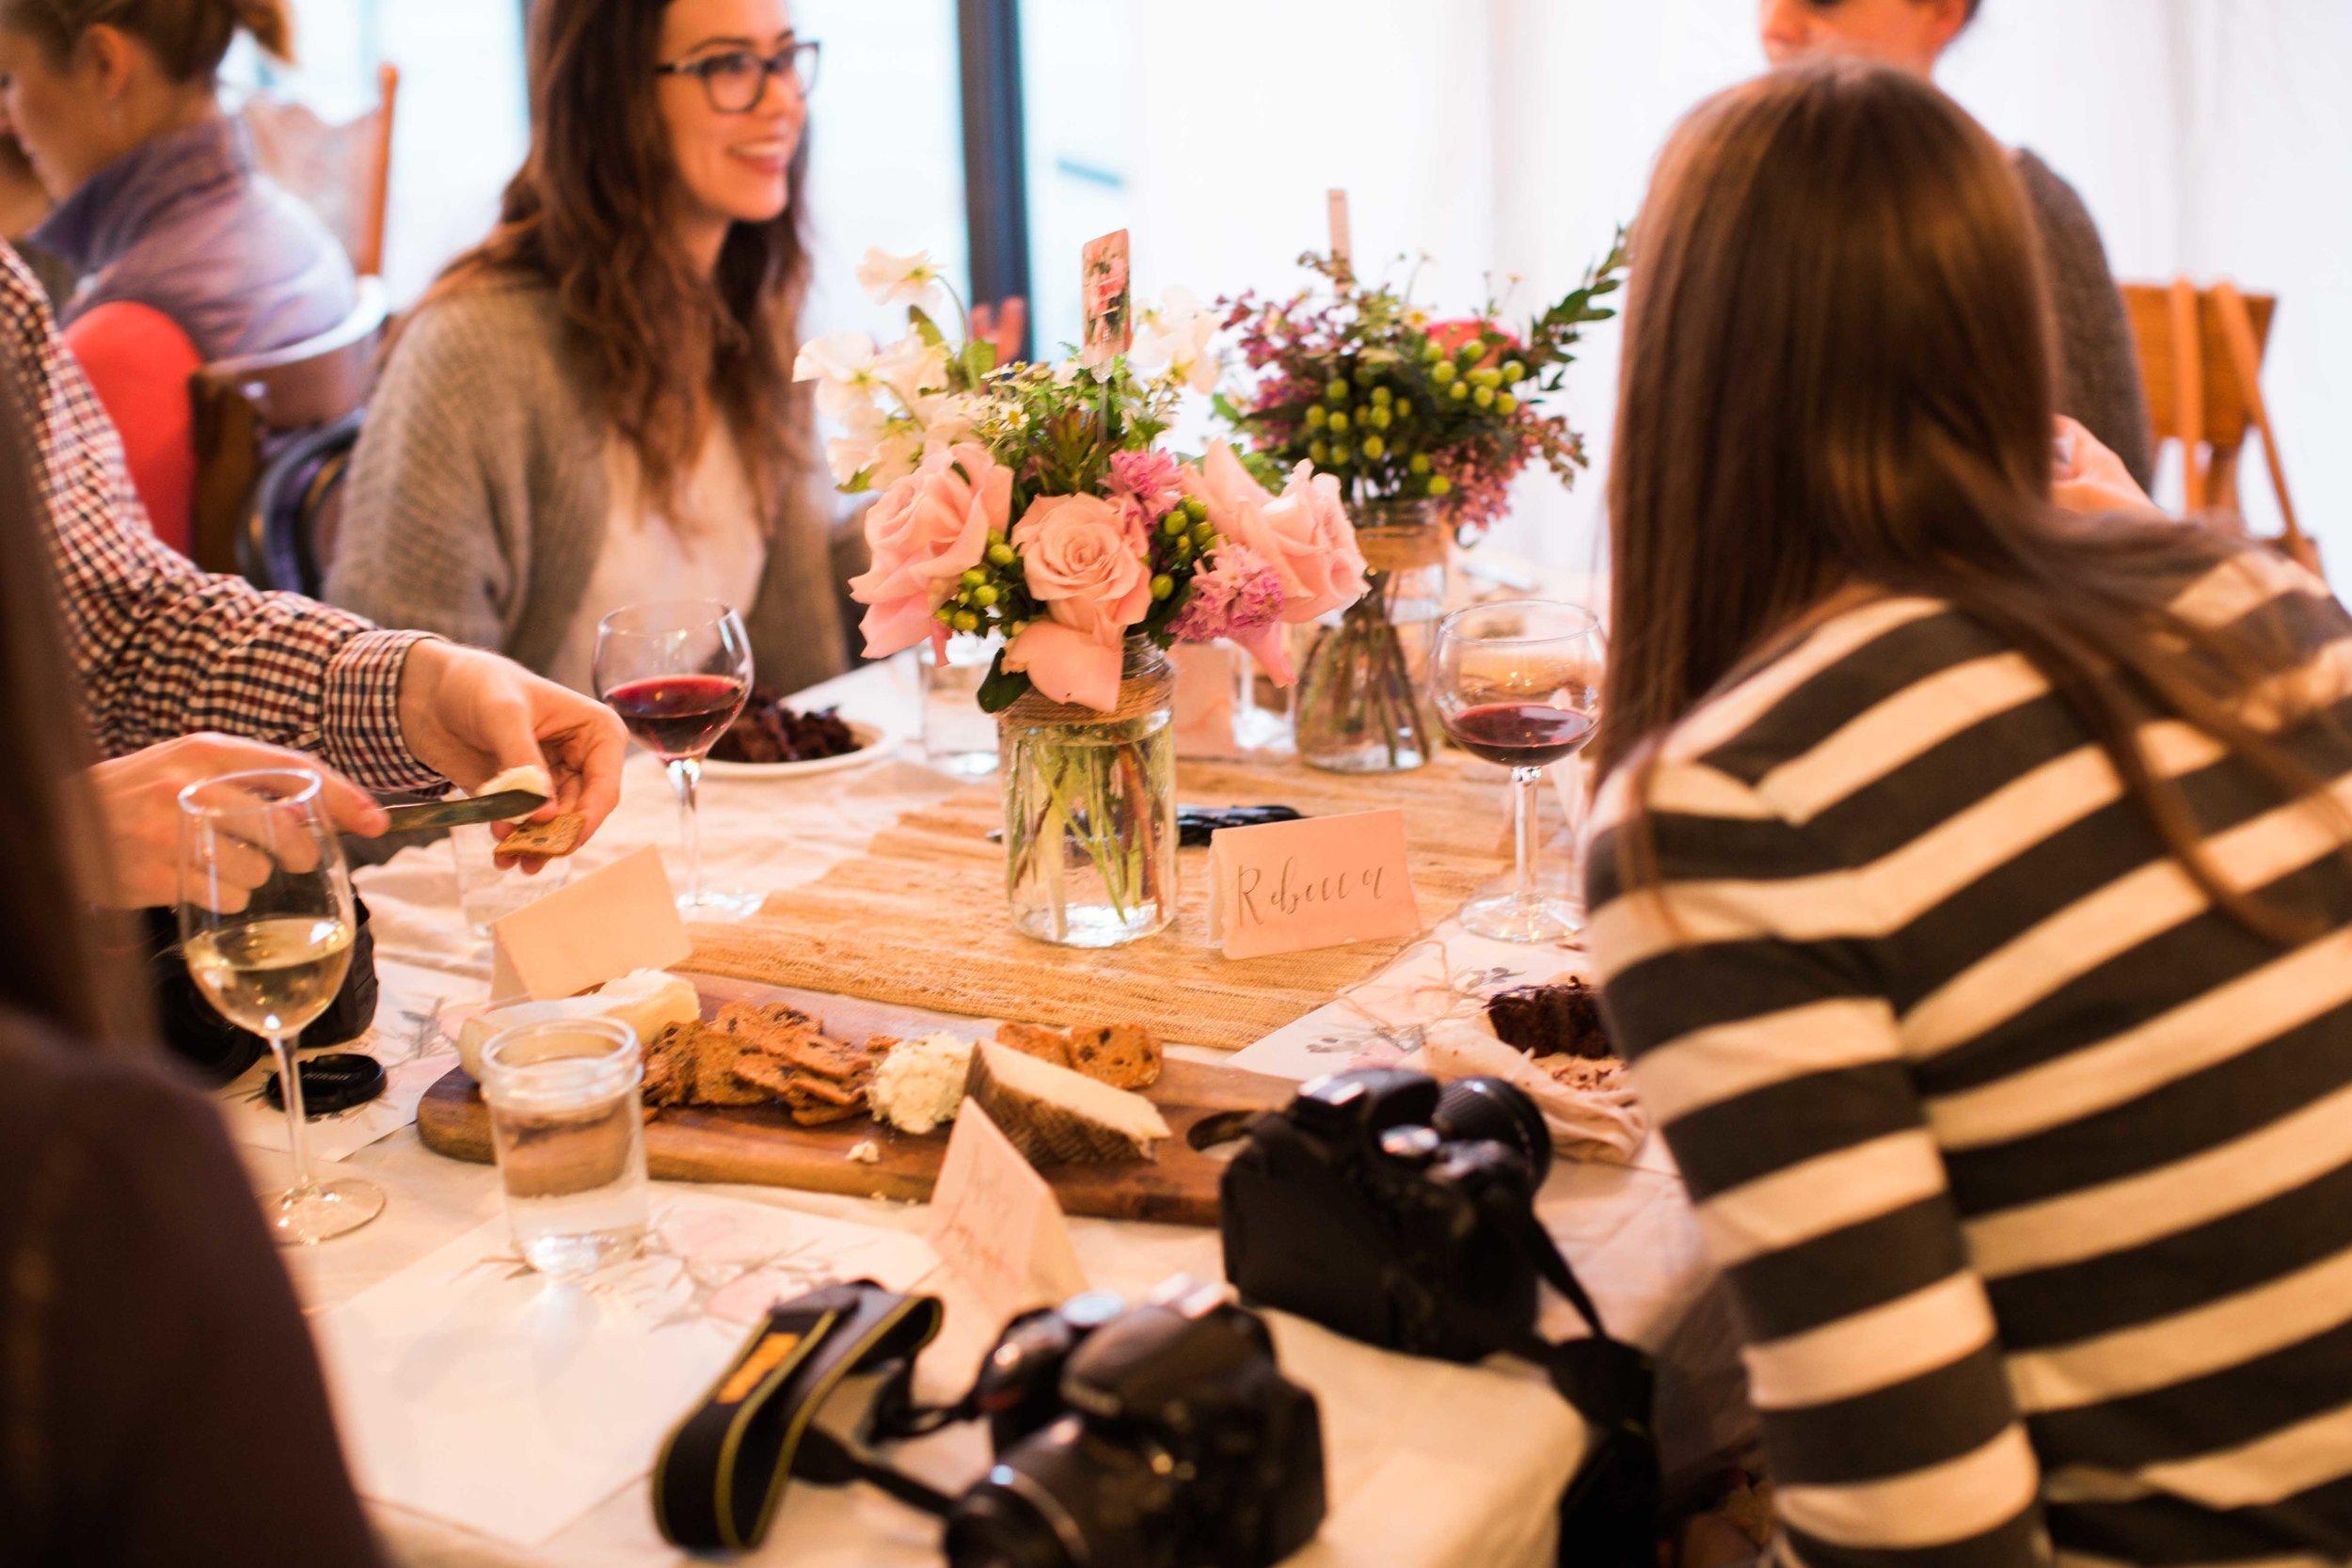 Photography Workshop at Stir Crazy Baked Goods 2-17-17 (67 of 116).jpg